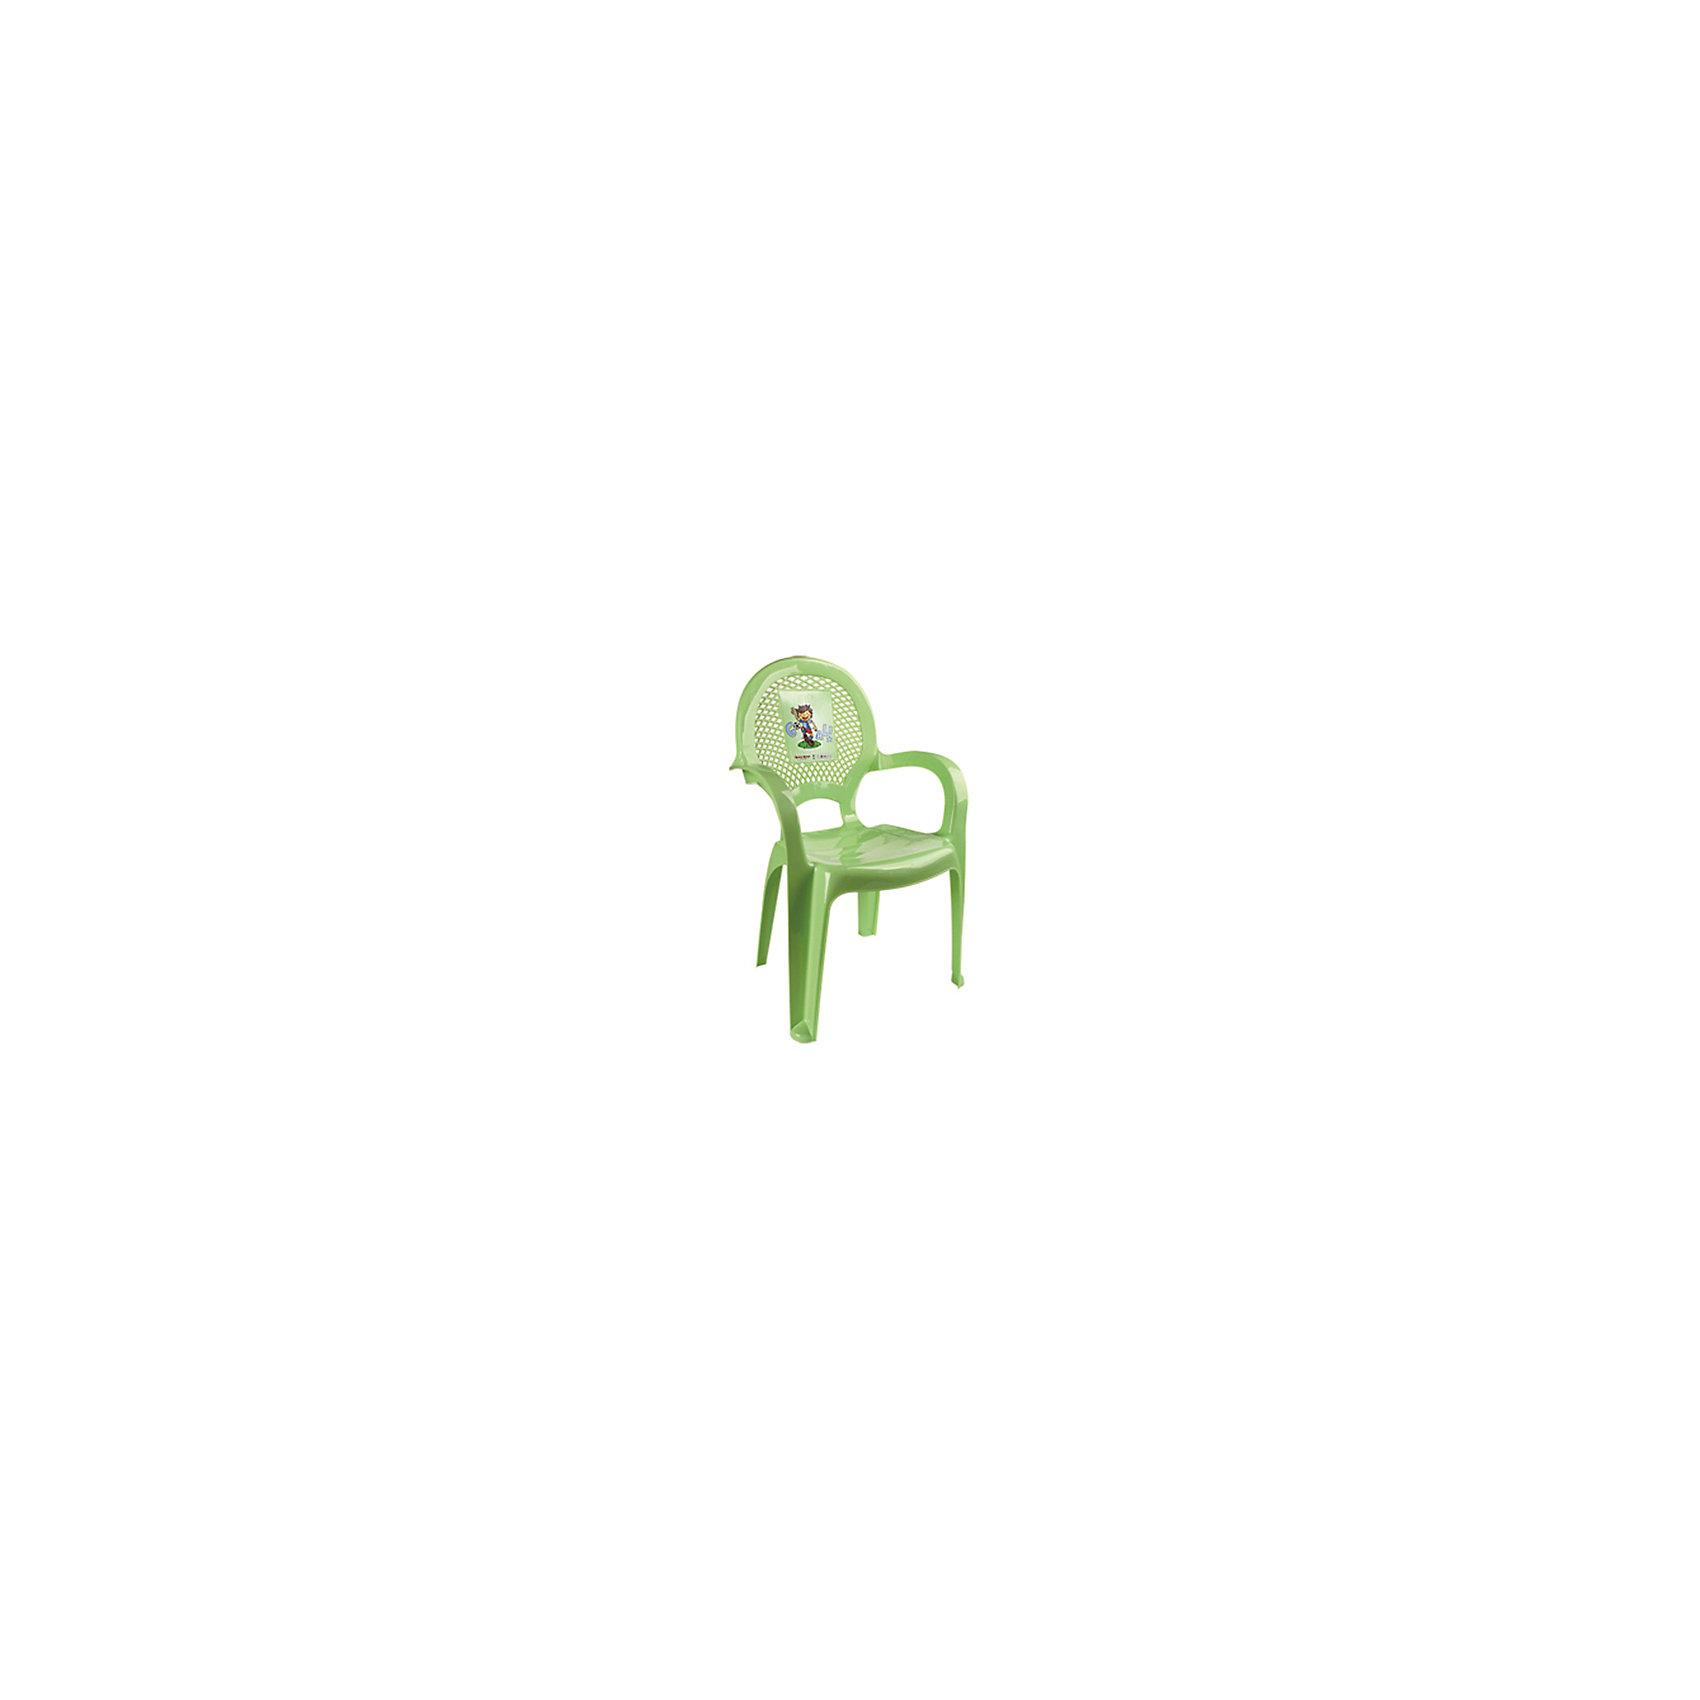 Стул ФутболМебель<br>Яркий, удобный стульчик для вашего малыша. Изделие изготовлено из высококачественной пластмассы с использованием современных технологий. Все условия для комфорта вашего малыша: спинка высокая, на спинке имеется рисунок, спинка сетчатая, эргономичные подлокотники, форма компактная и удобная для хранения - стулья можно составить один в другой, легко моется водой с любым моющим средством. <br><br>Дополнительная информация:<br><br>Материал: пластик.<br>Размер: высота - 55 см.<br>Цвет: салатовый.<br><br>Детский стульчик с рисунком в салатовом цвете, можно купить в нашем магазине.<br><br>Ширина мм: 750<br>Глубина мм: 480<br>Высота мм: 380<br>Вес г: 600<br>Возраст от месяцев: 24<br>Возраст до месяцев: 84<br>Пол: Унисекс<br>Возраст: Детский<br>SKU: 4718406